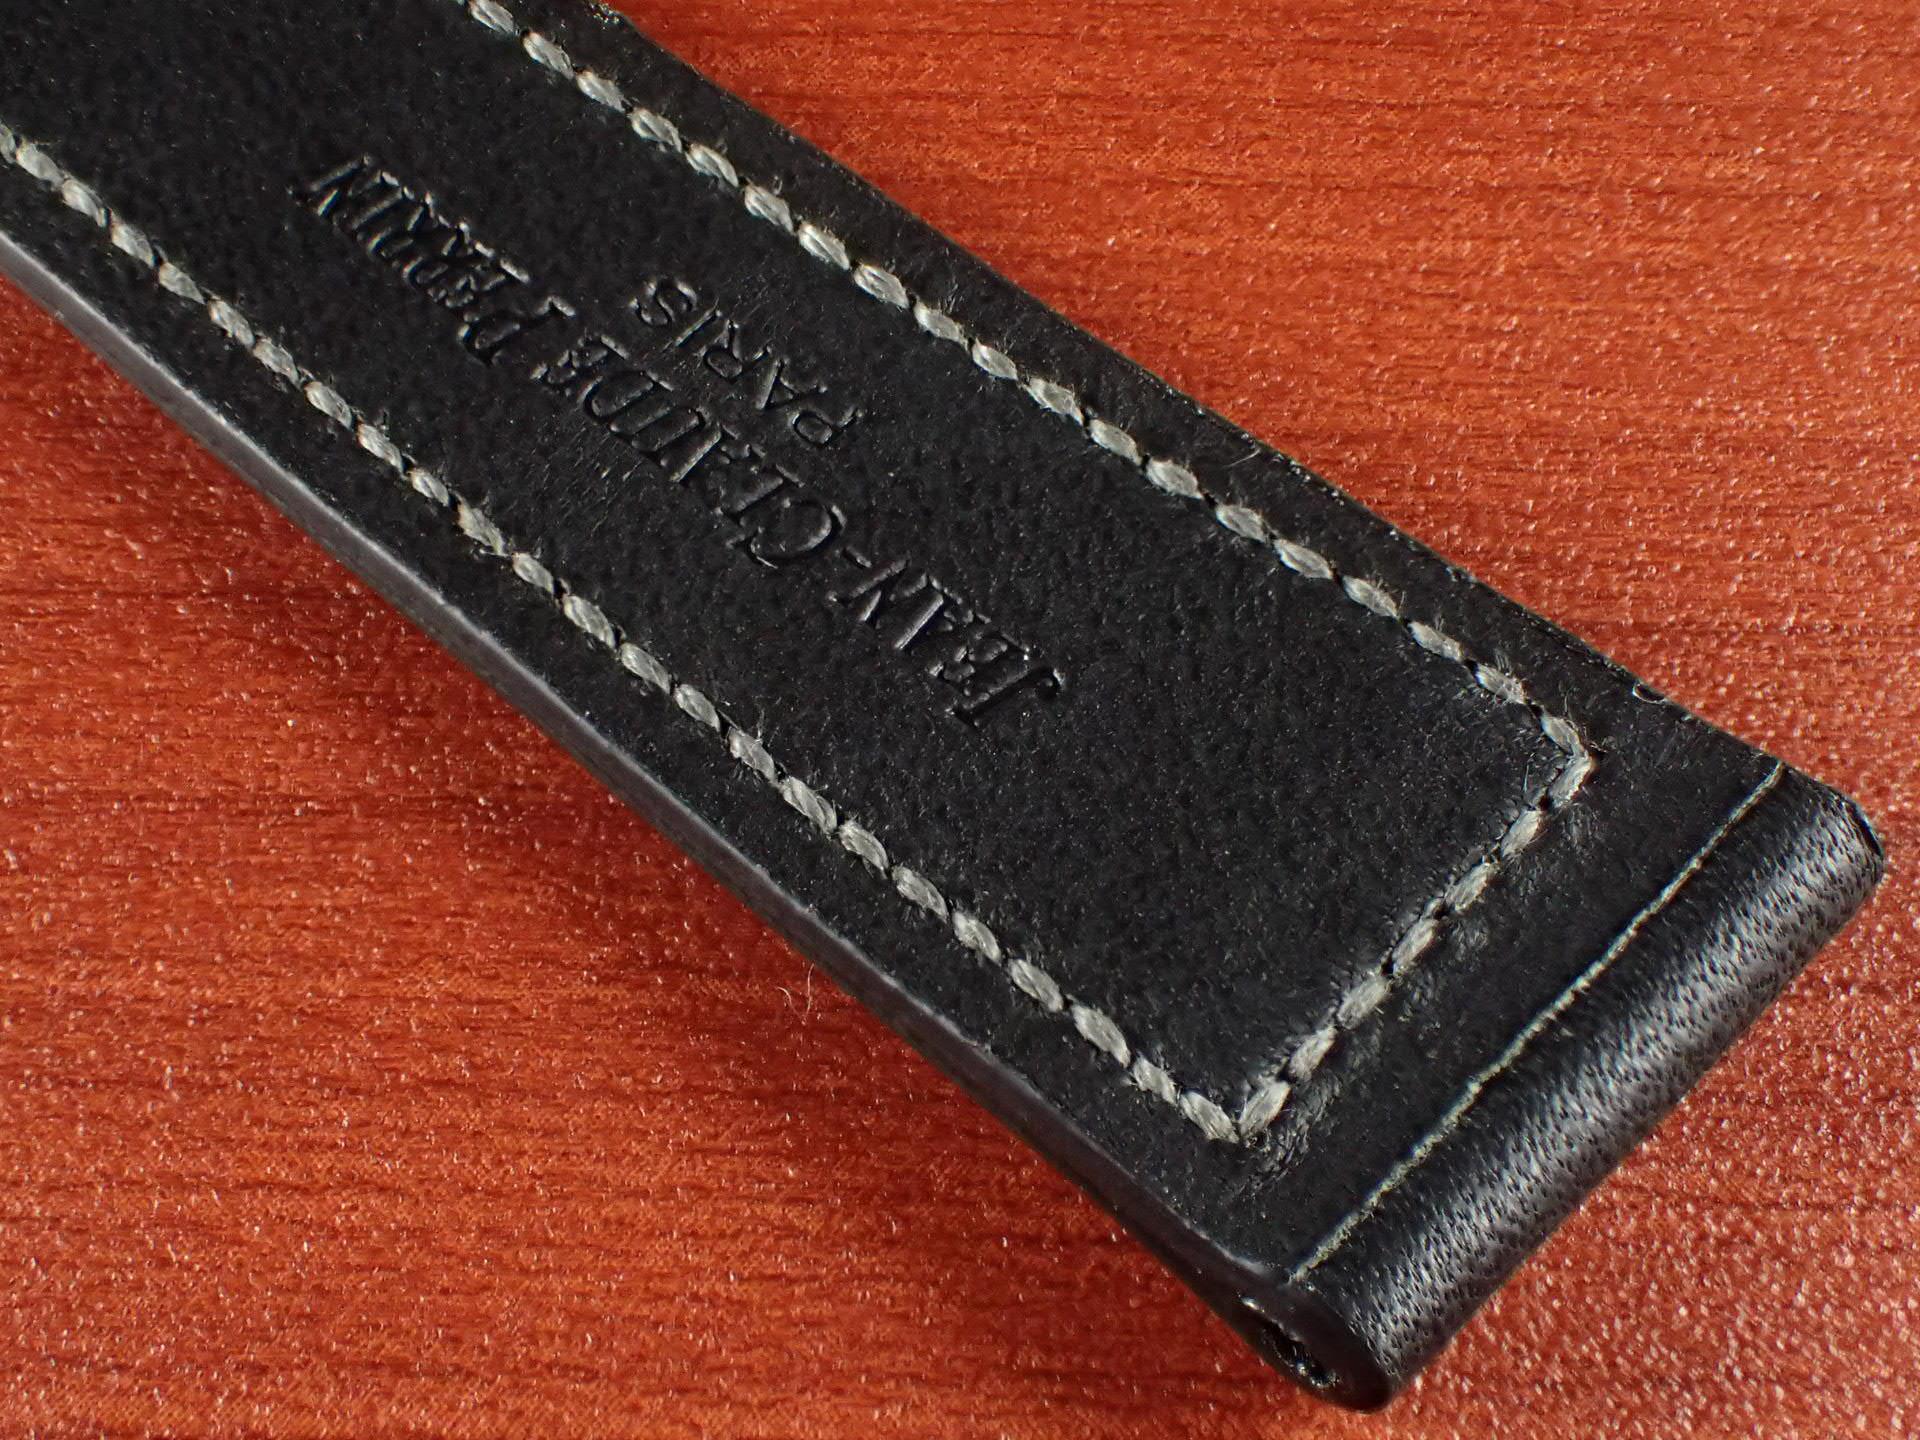 ジャン・クロード ペラン革ベルト カーフ ブラック 16、17、18、19、20mmの写真6枚目